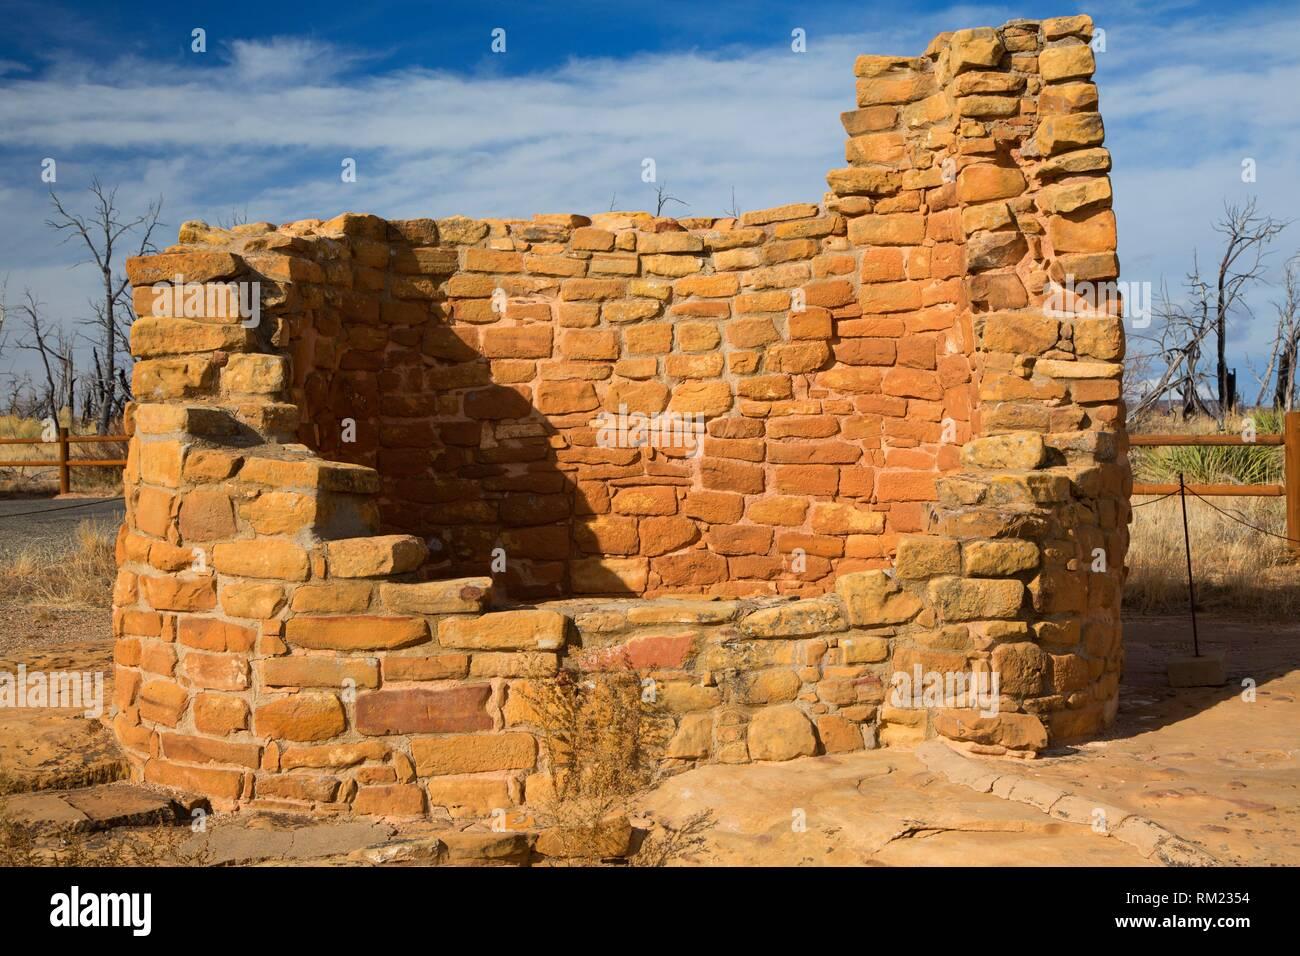 Cedro Torre, Parque Nacional de Mesa Verde, Colorado. Imagen De Stock